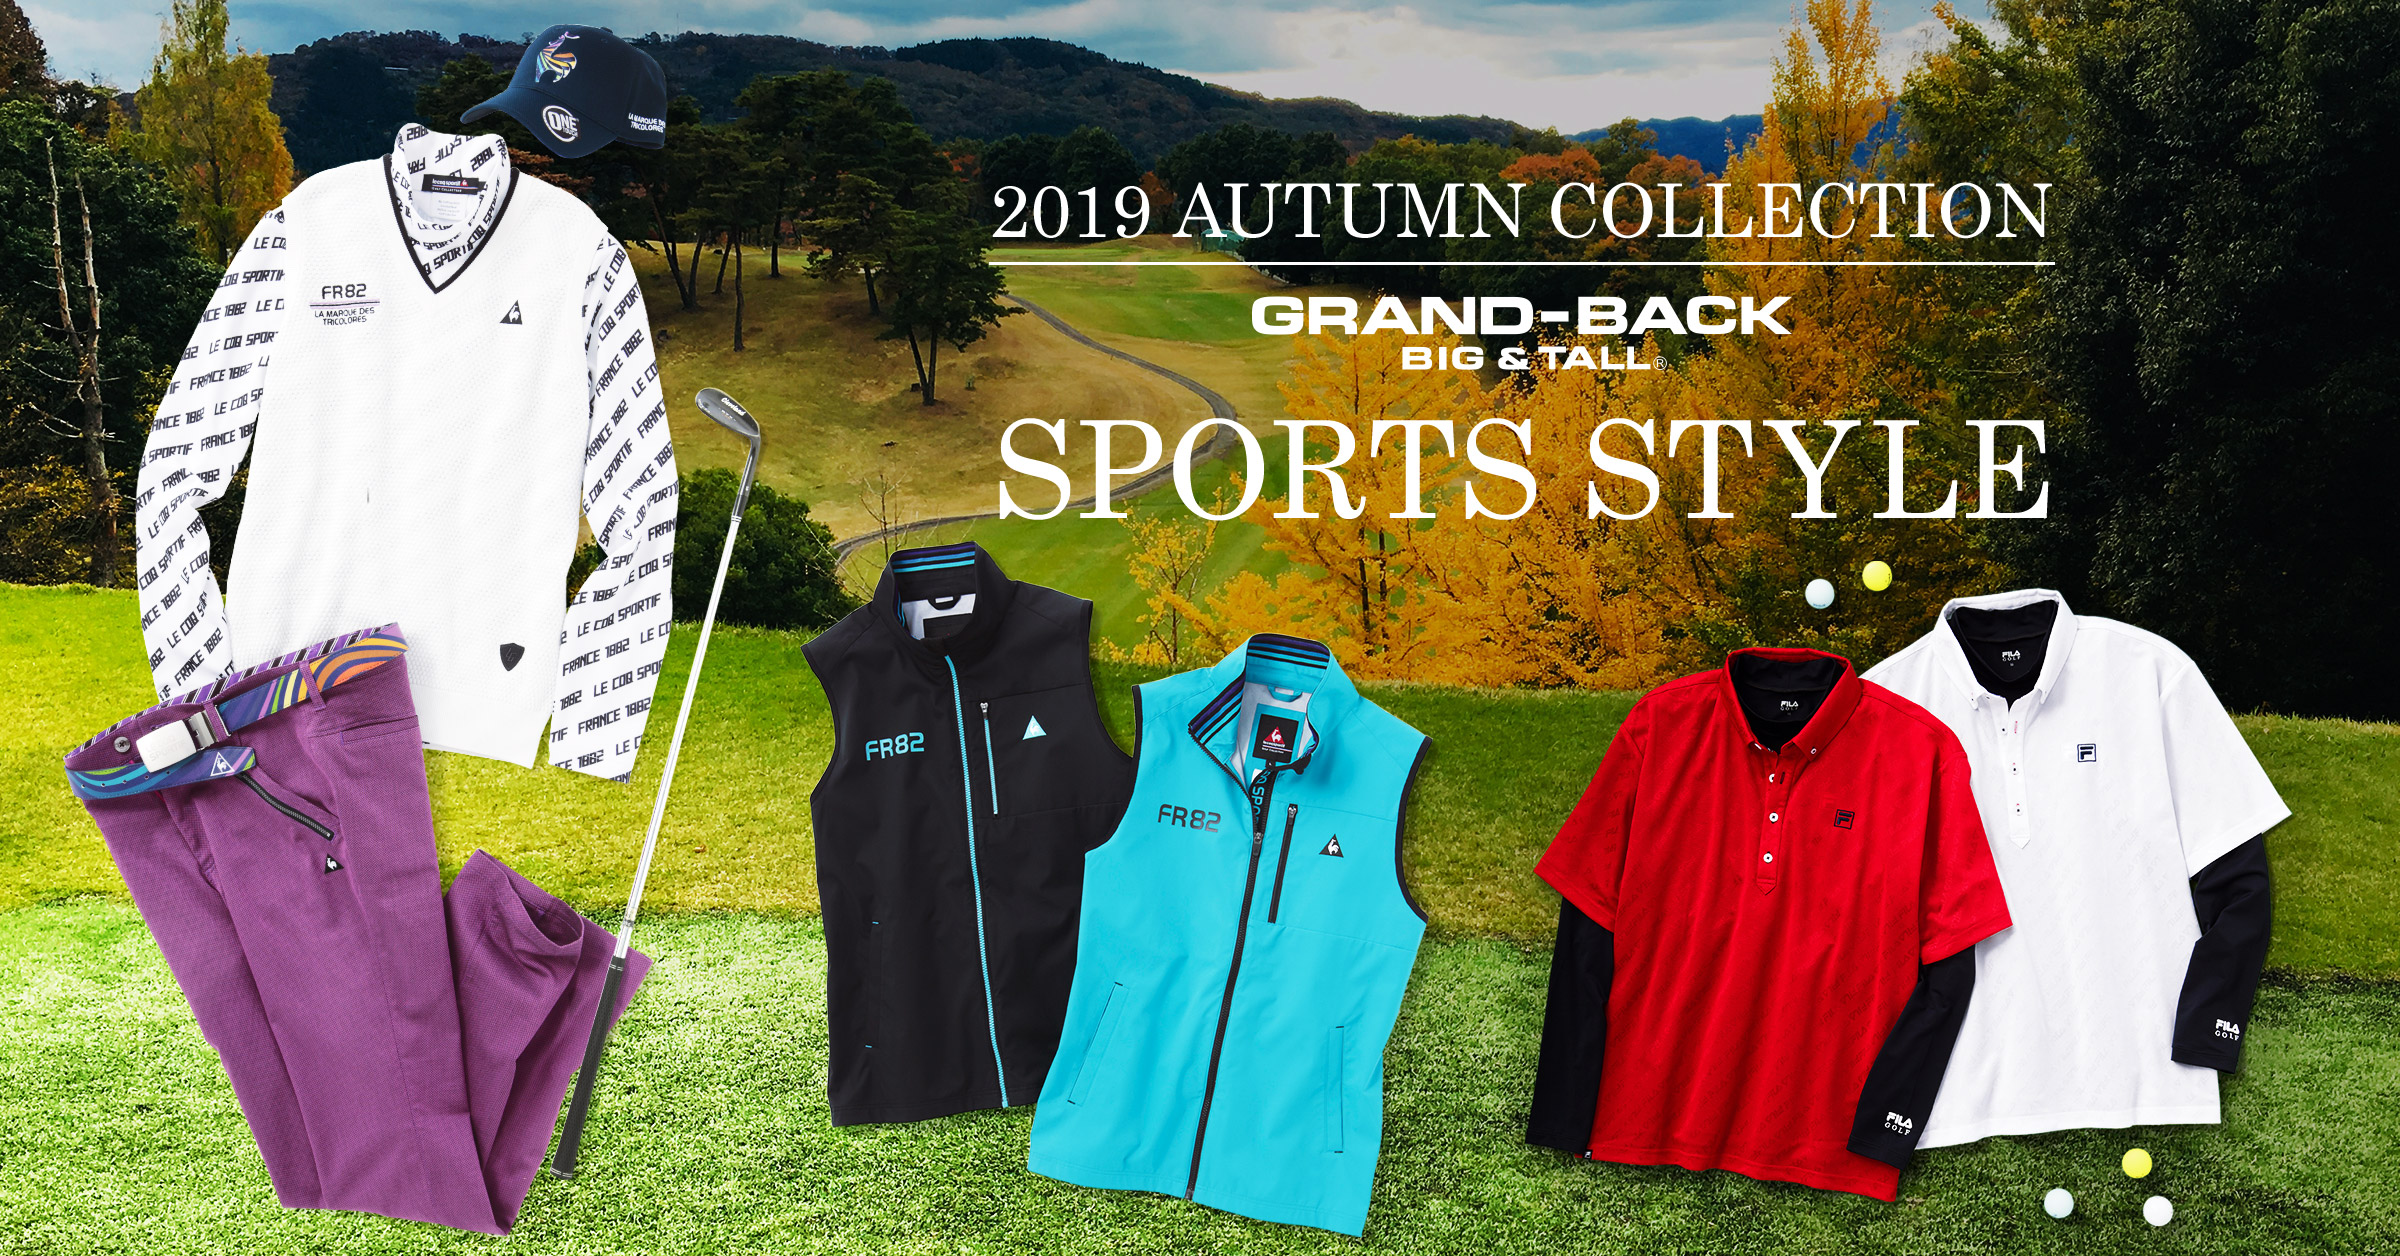 2019 Autumn Sports style